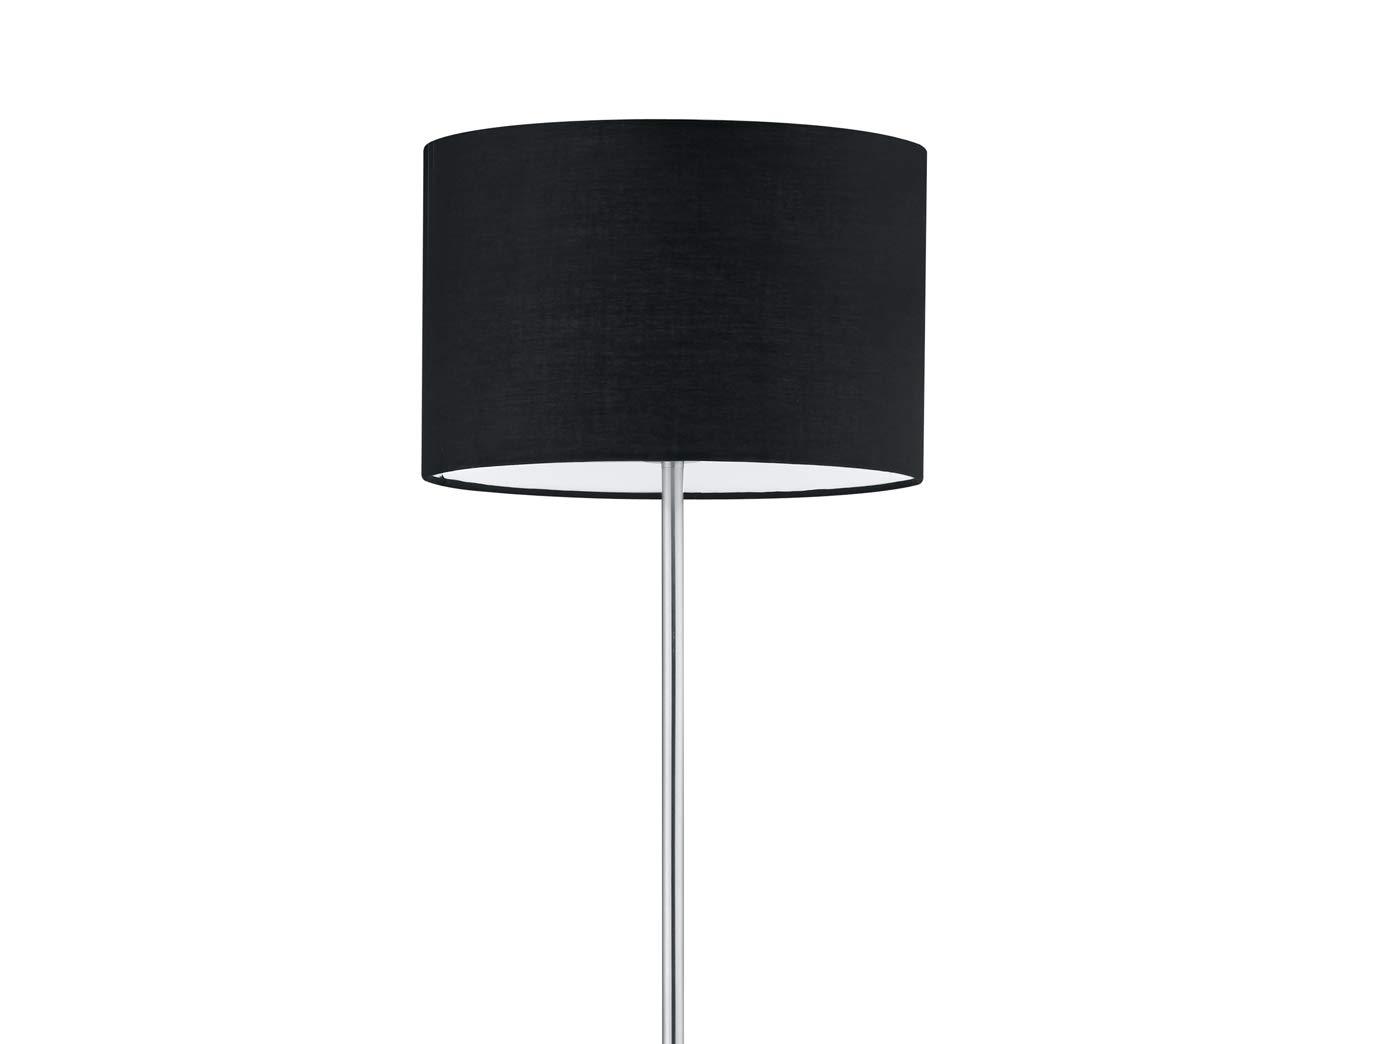 Classica lampada a stelo con paralume in tessuto nero /Ø 35 cm altezza 160 cm nichel opaco con lampadina LED E27 elegante e senza tempo